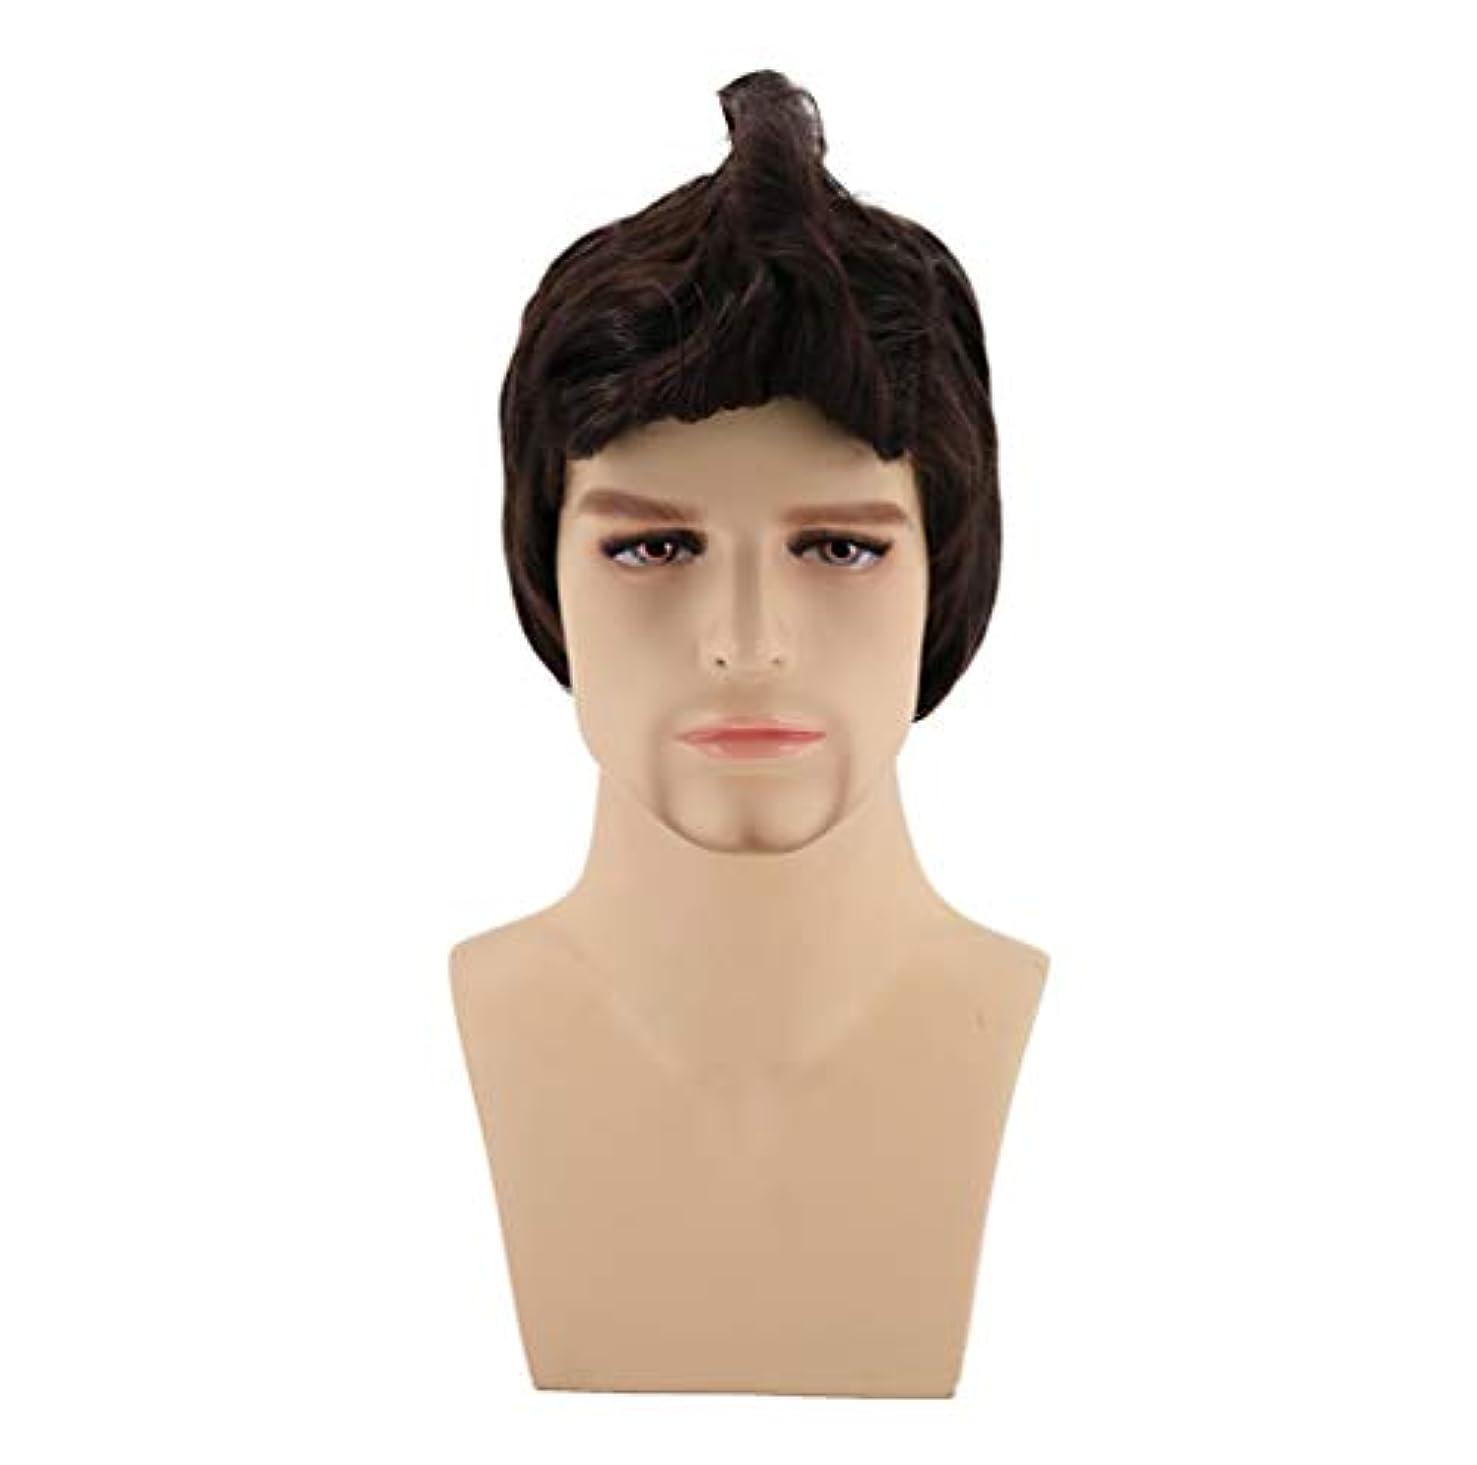 ホバーうなり声狼男性かつらハロウィンコスプレ衣装アニメ大人十代の若者たち短い人工毛仮装カーニバルパーティー服アクセサリーブラック20センチ